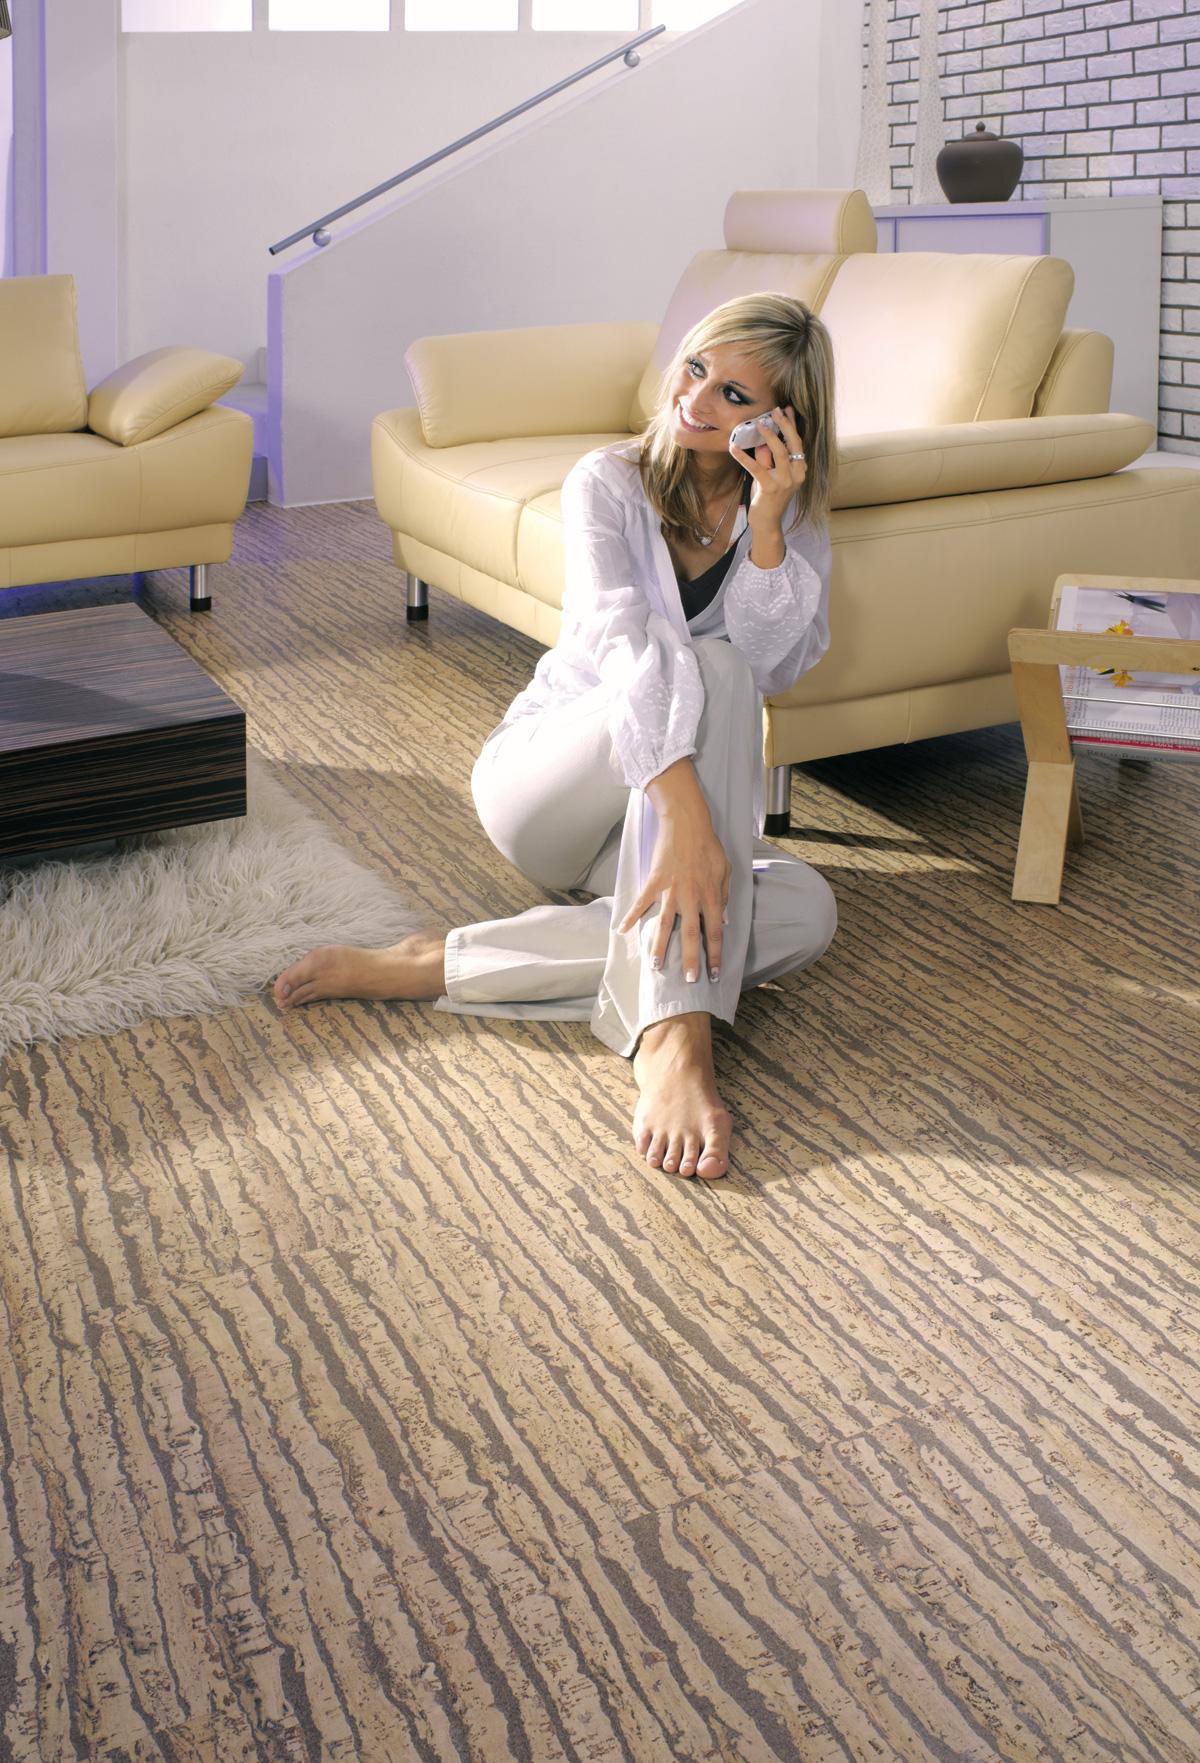 b den f r h chste anspr che. Black Bedroom Furniture Sets. Home Design Ideas